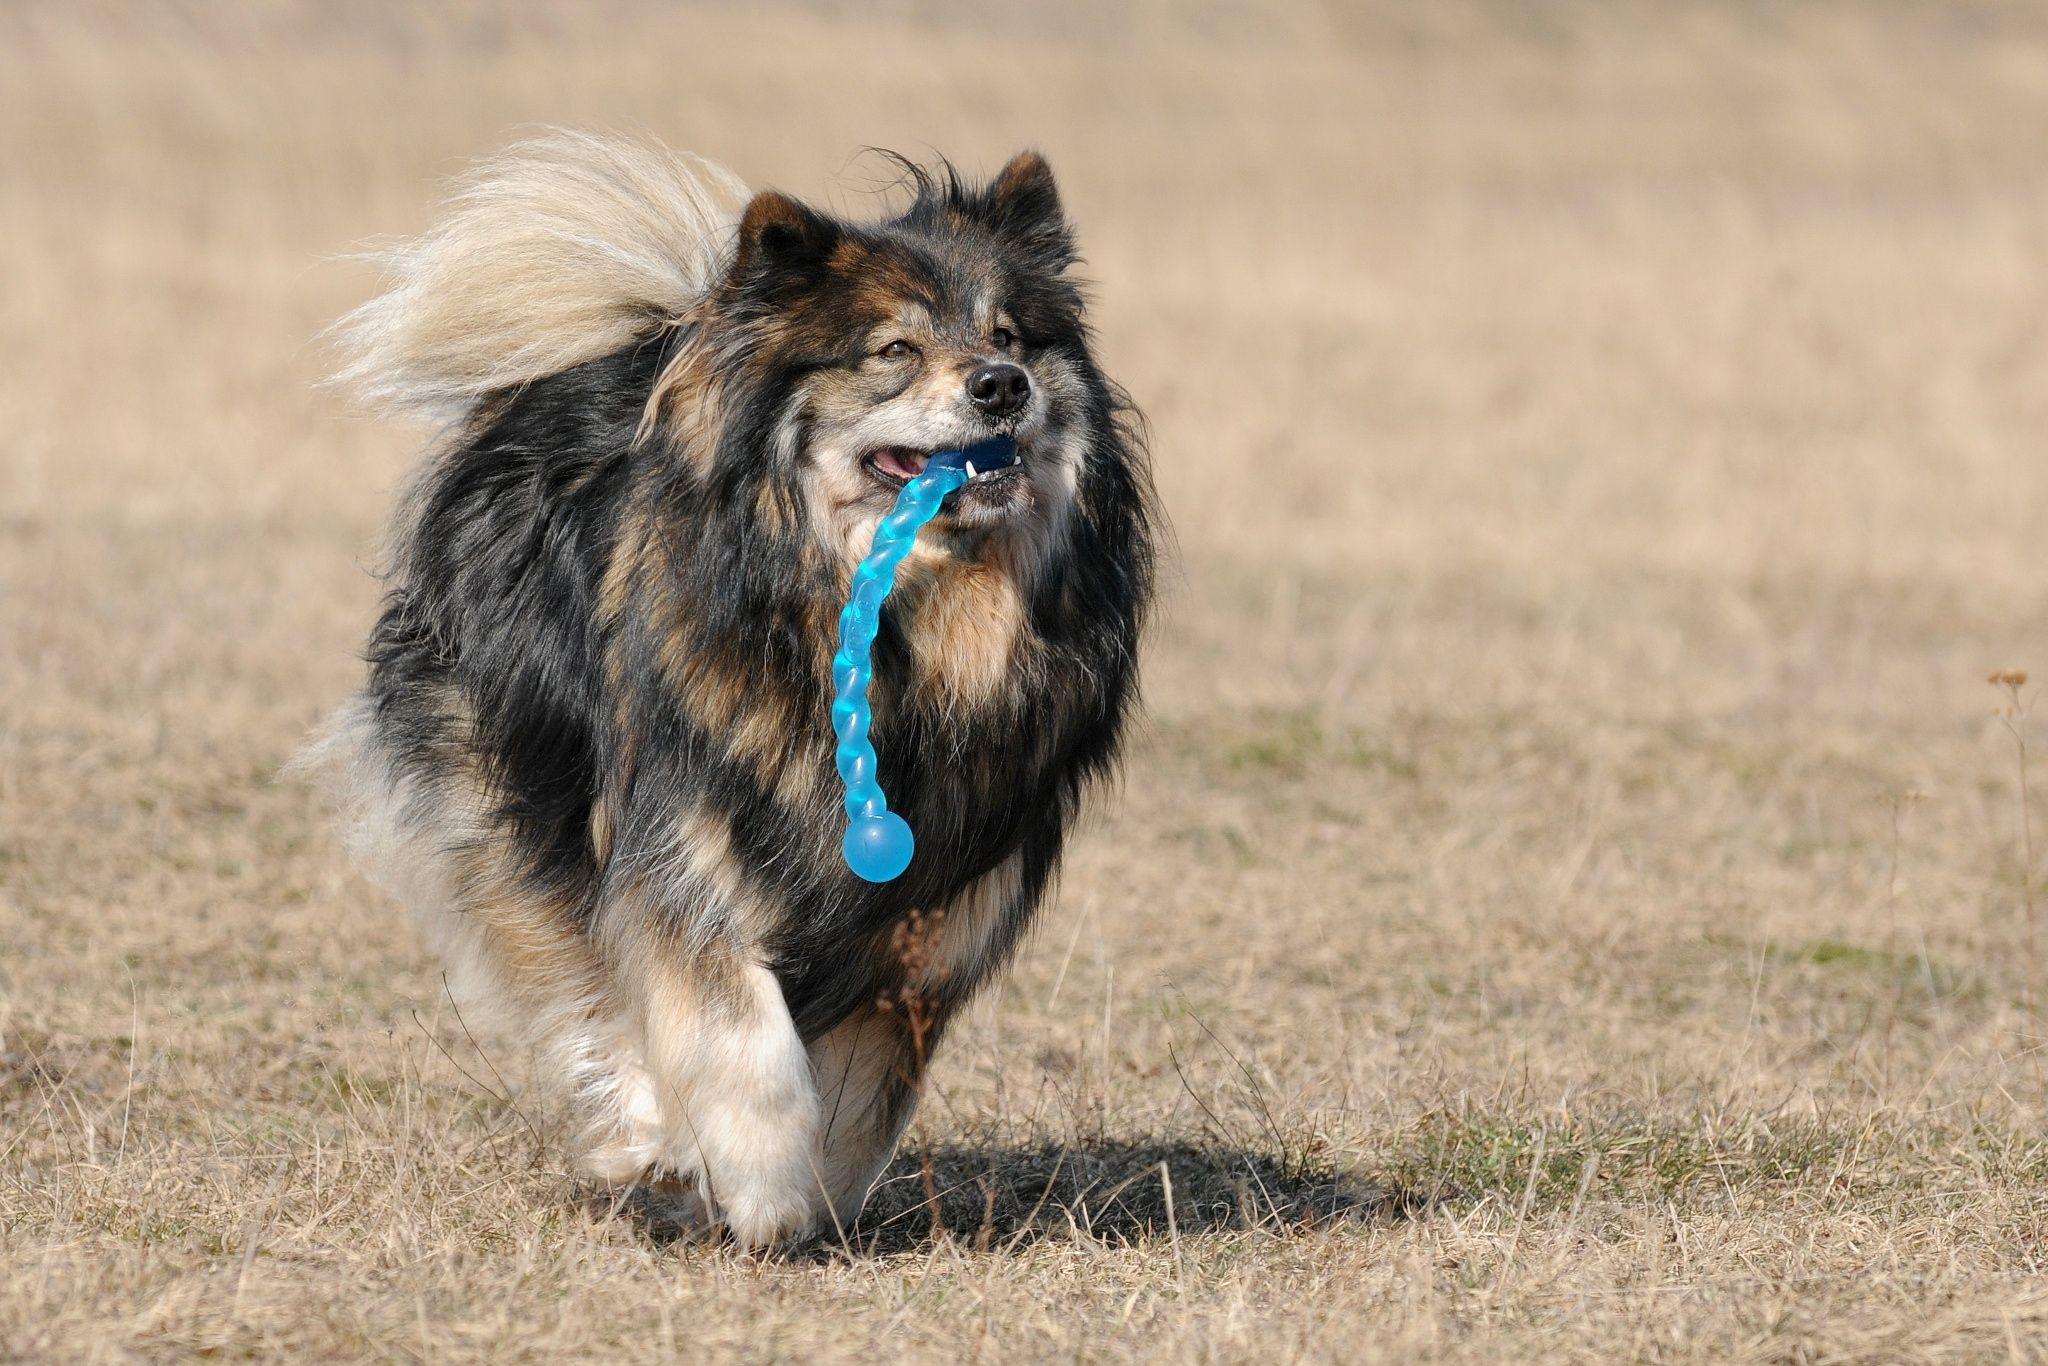 Elo Hund Dog On The Run By Heike Klett On 500px Hunde Hunde Bilder Hundebilder